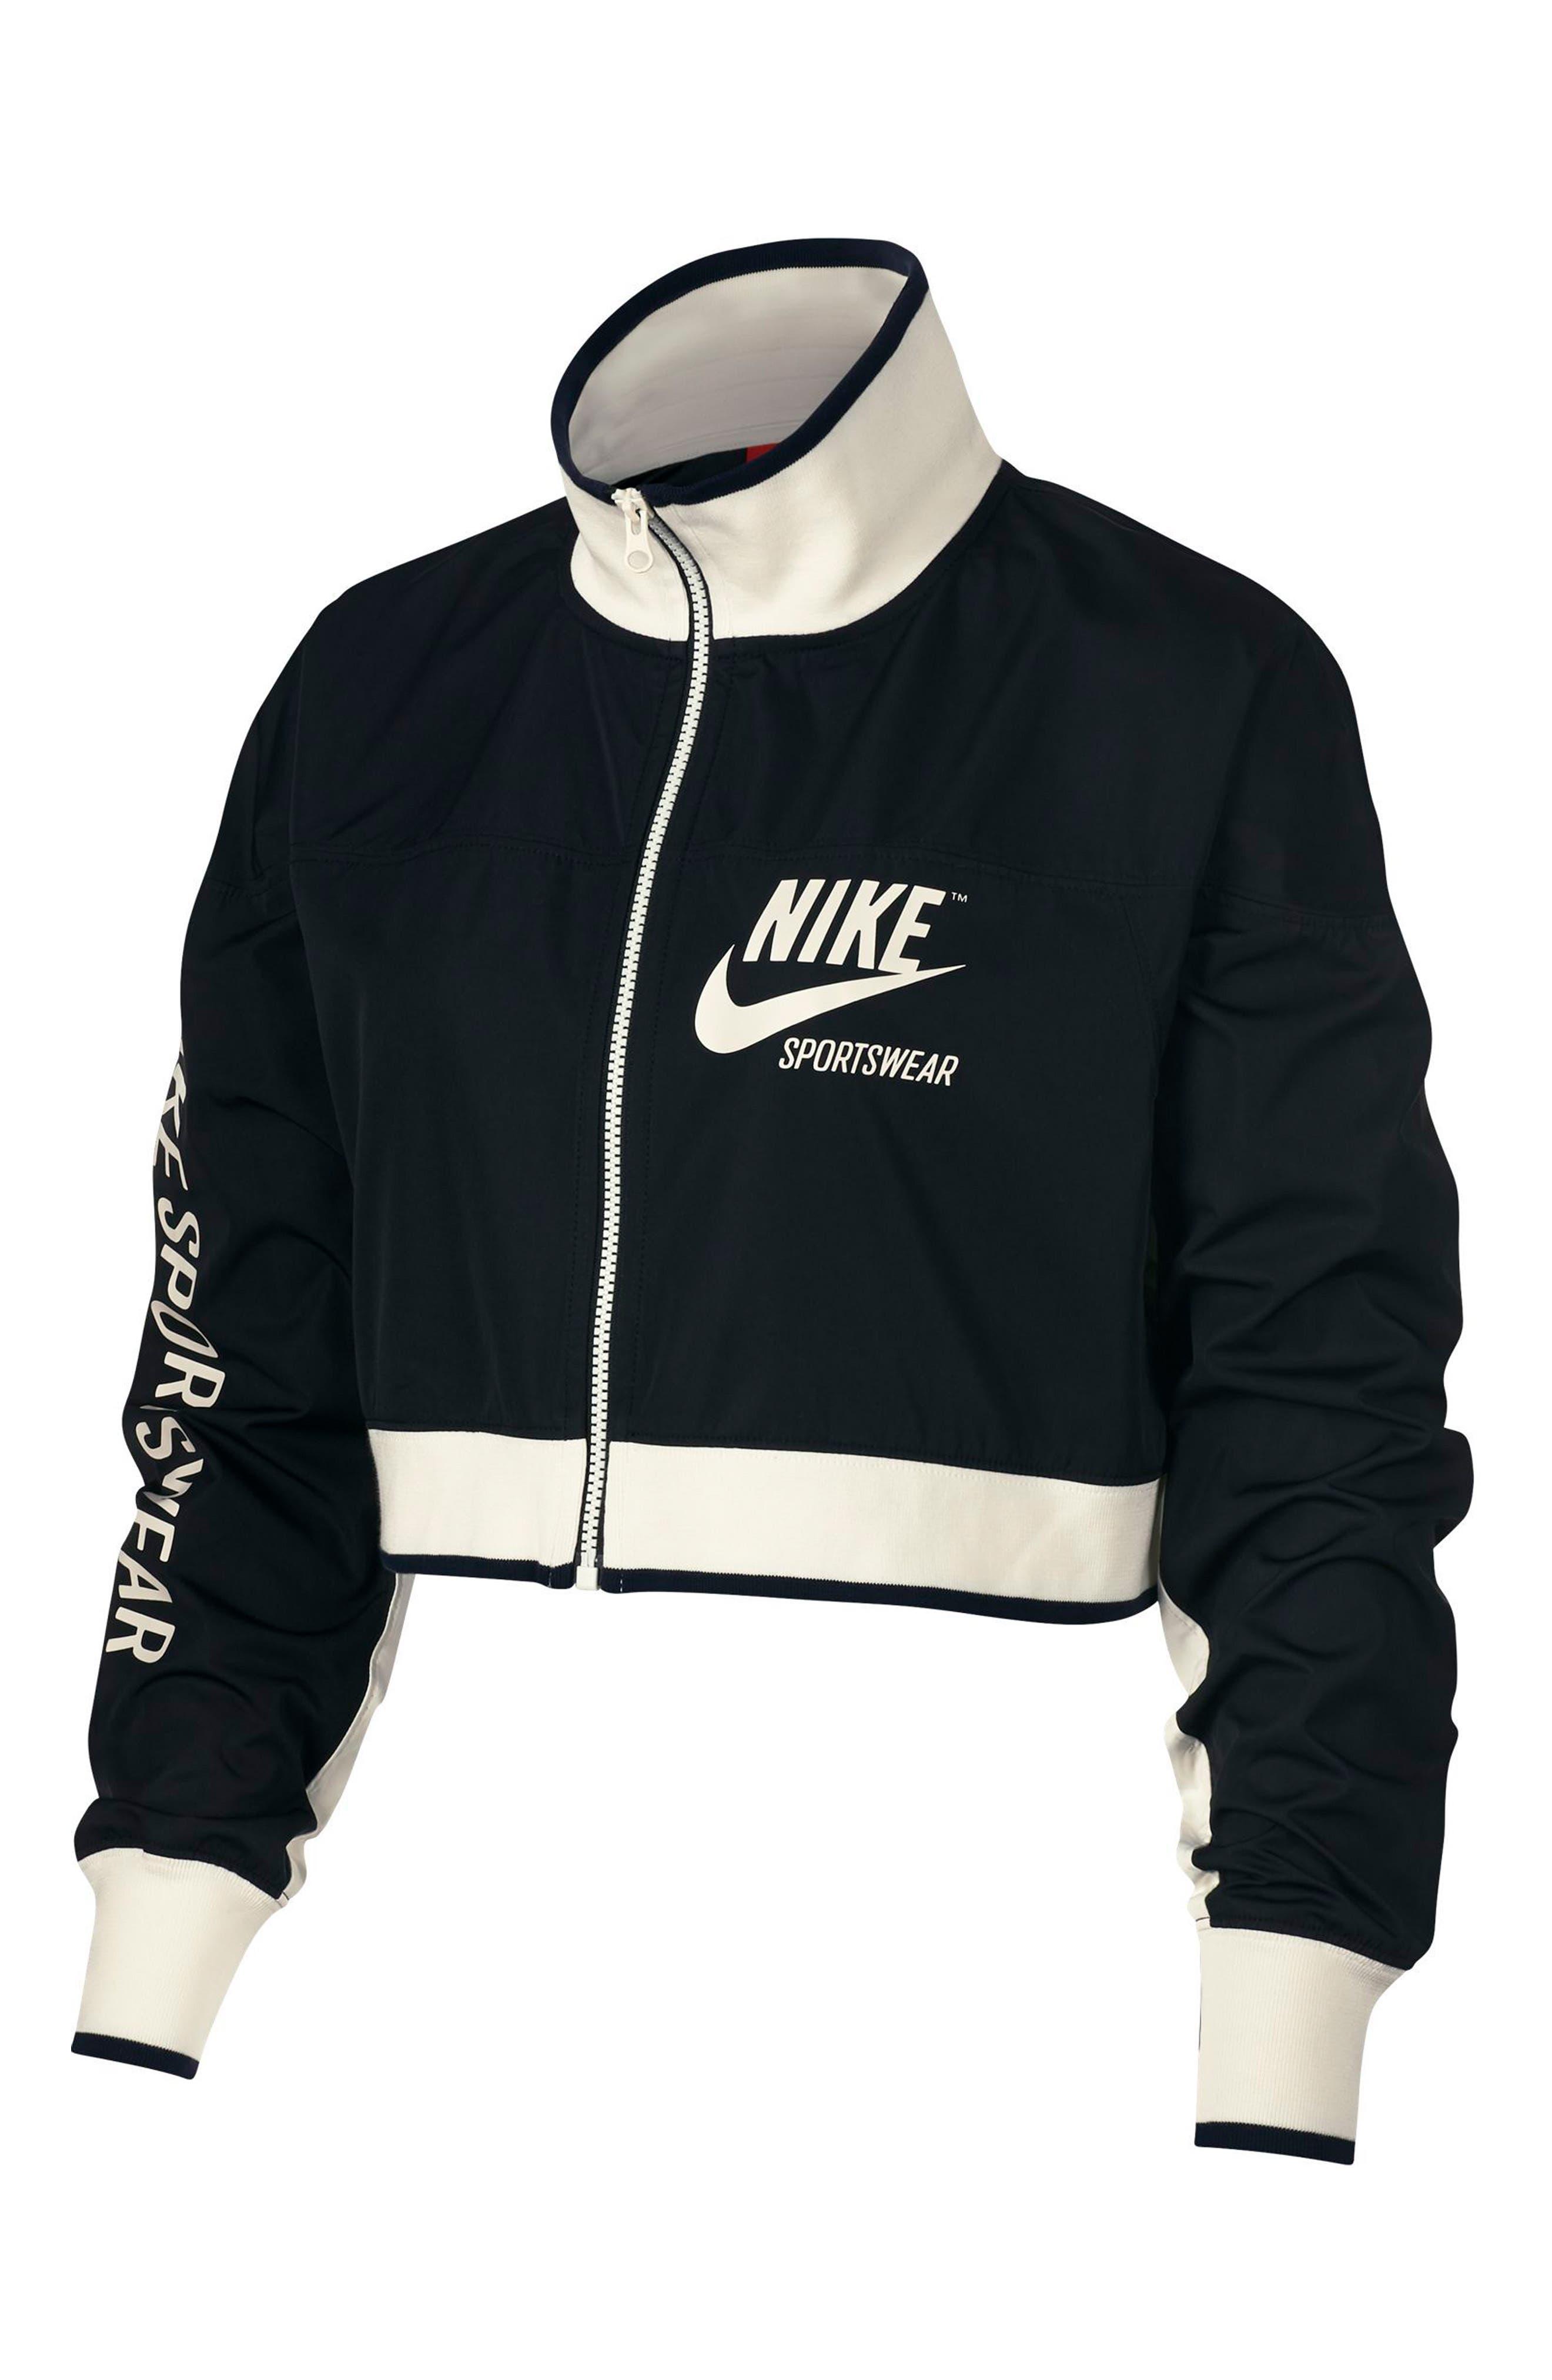 Nike Sportswear Archive Women's Track Jacket